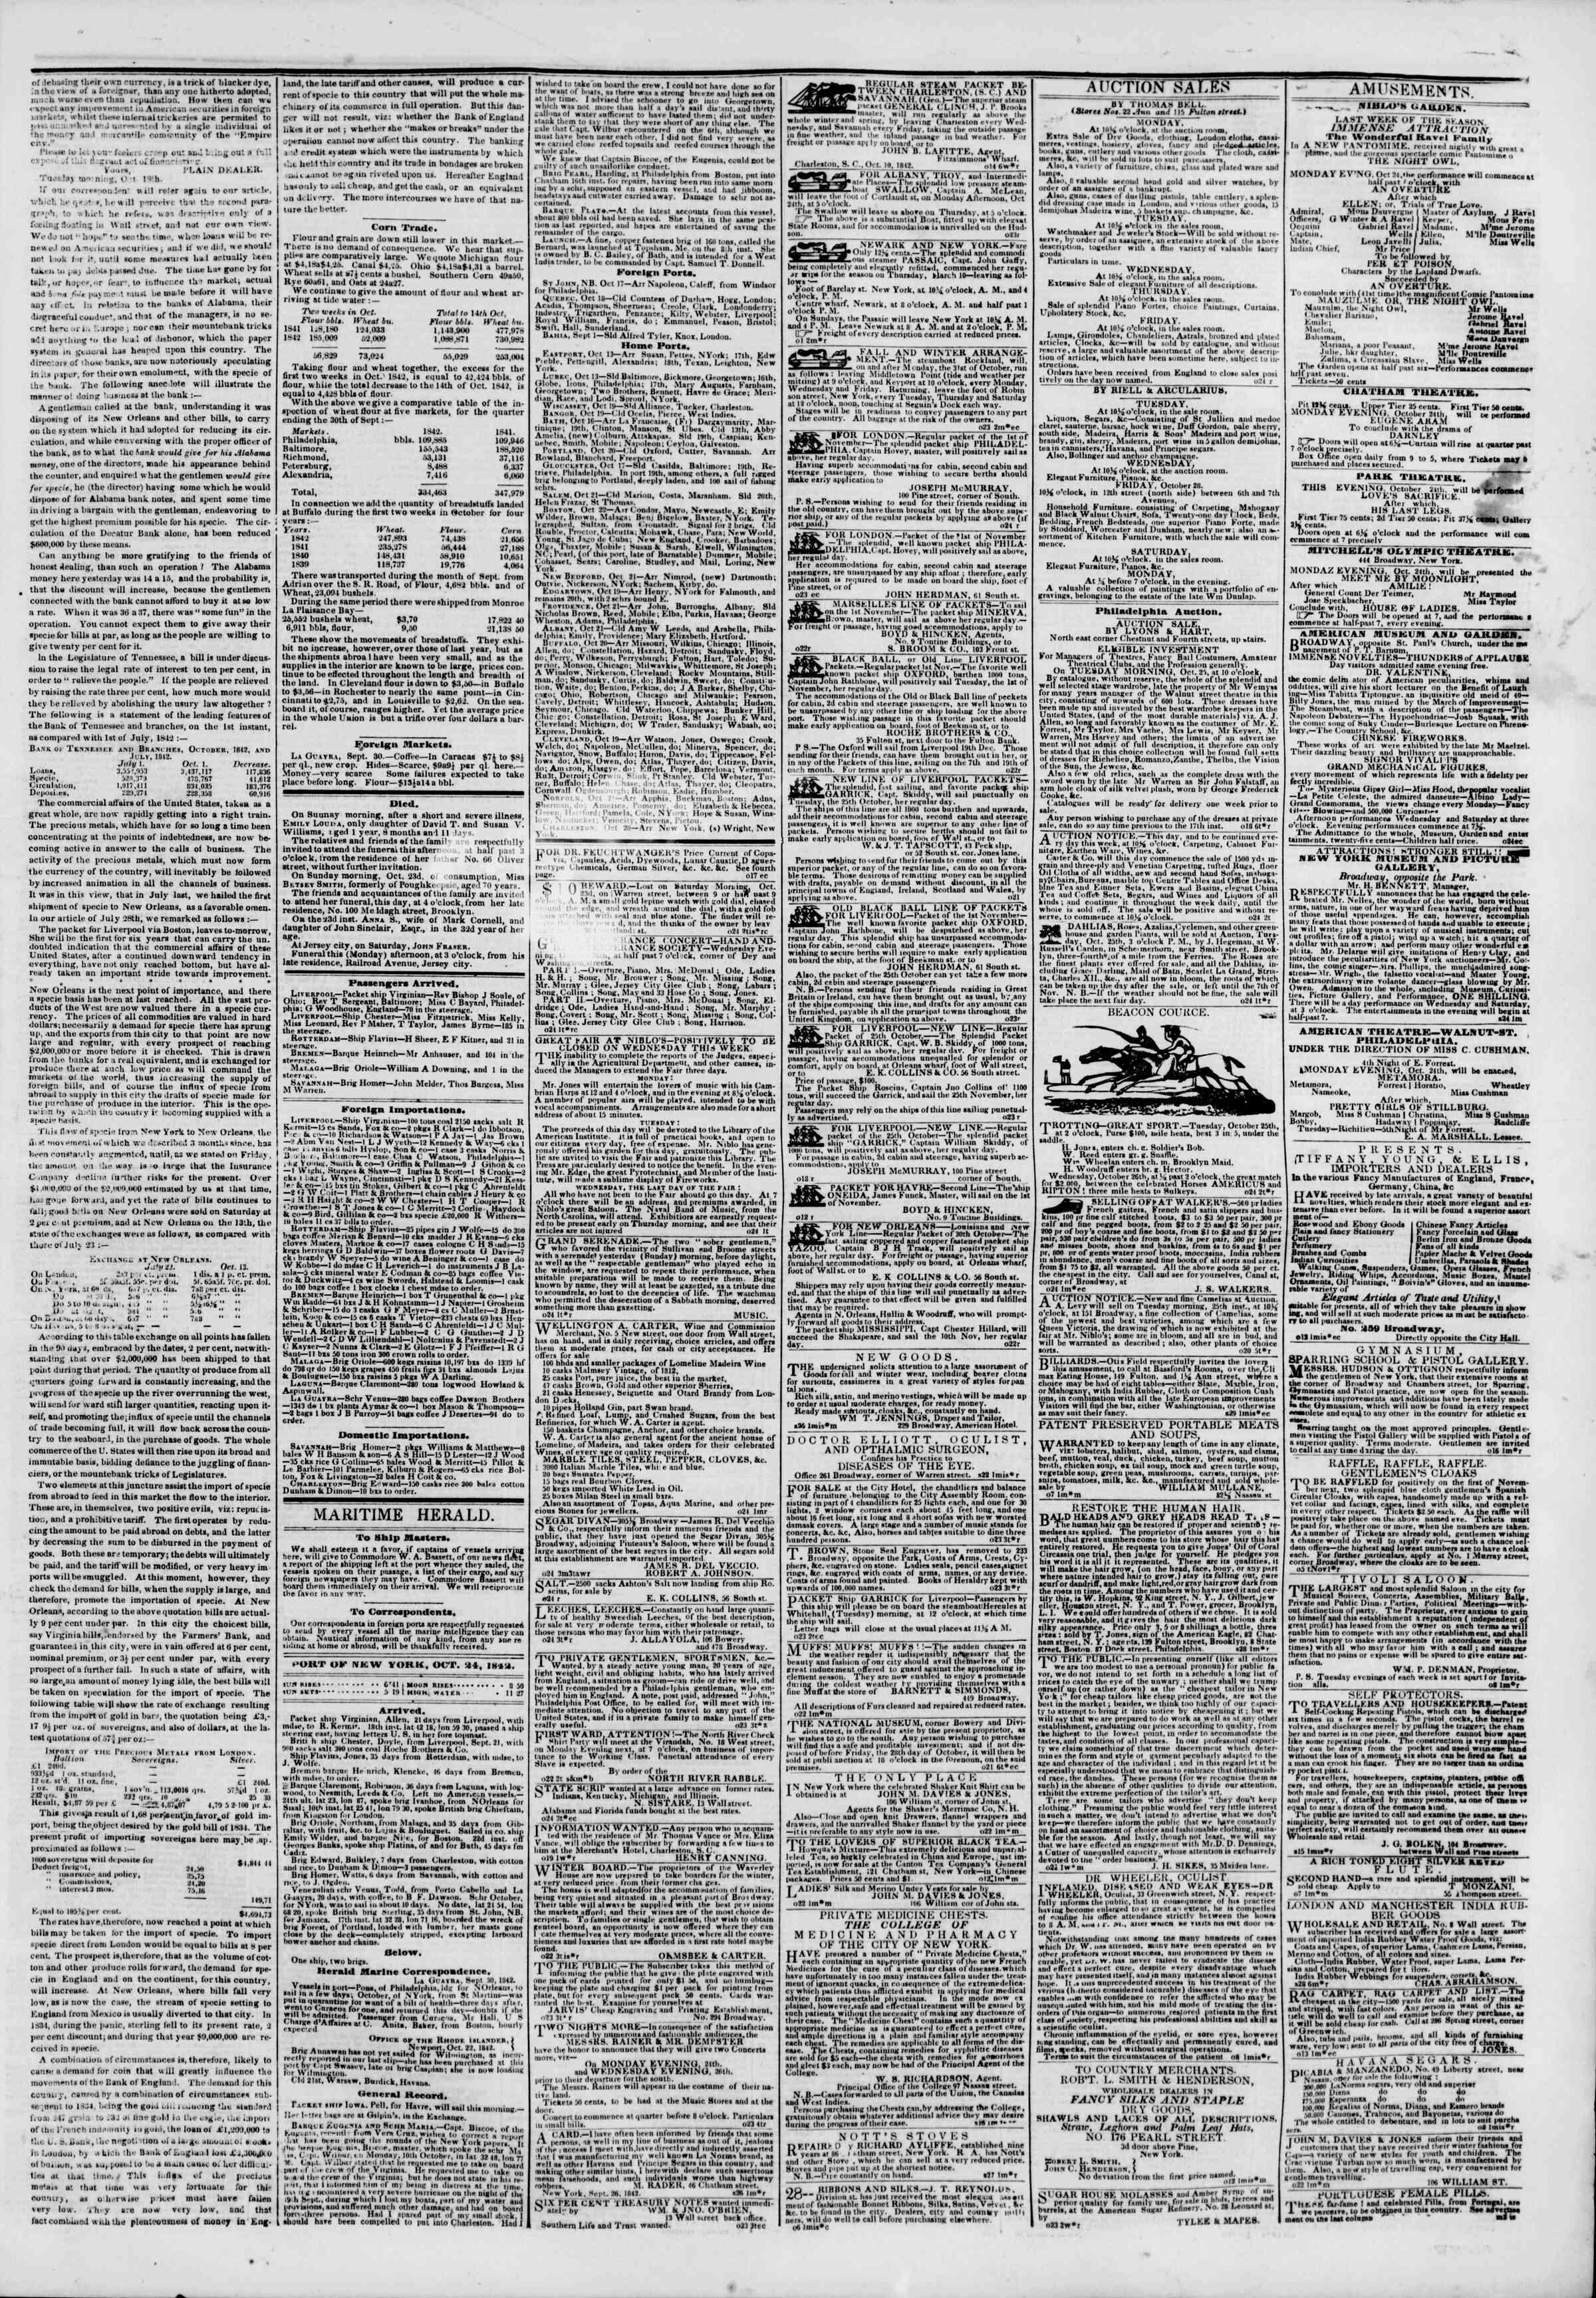 October 24, 1842 Tarihli The New York Herald Gazetesi Sayfa 3